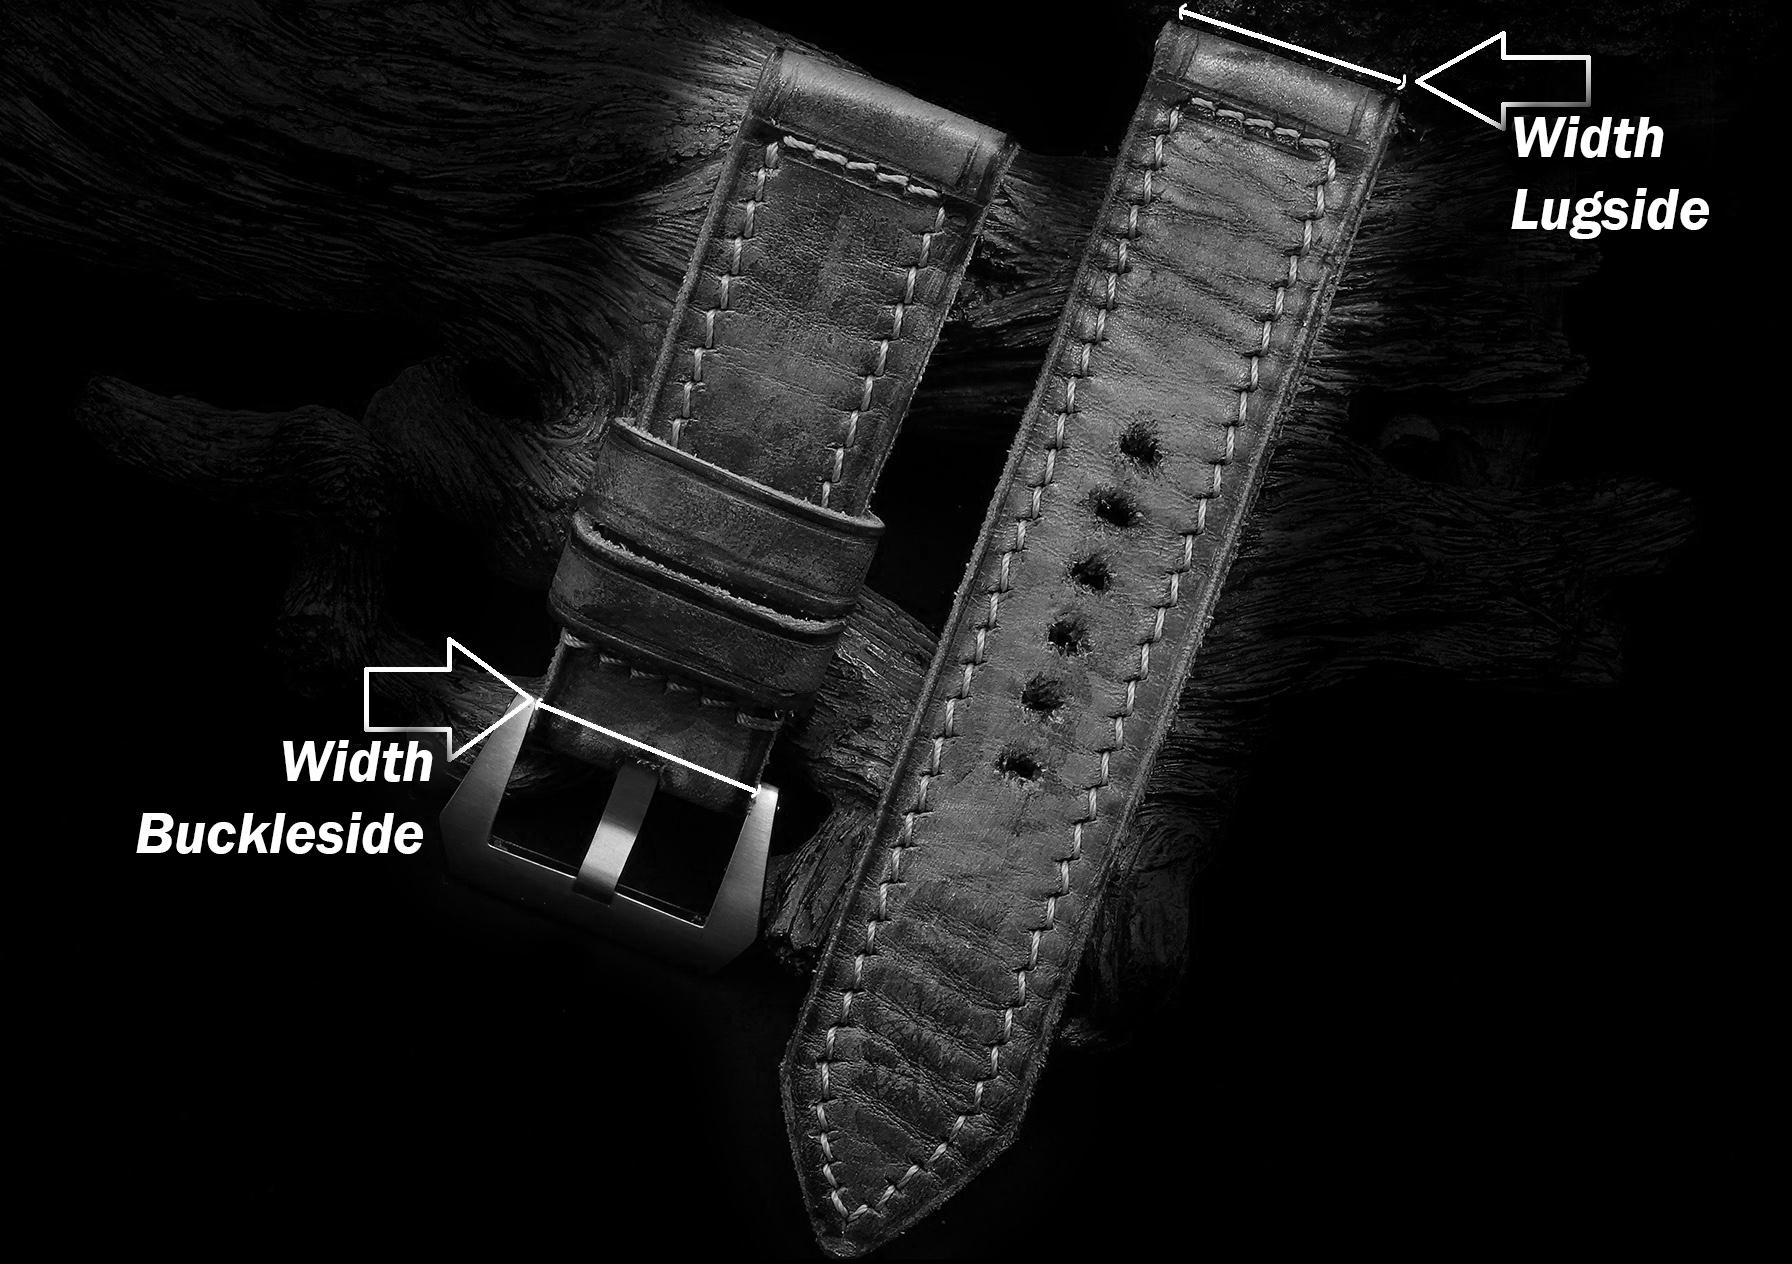 strap-width-faq-en